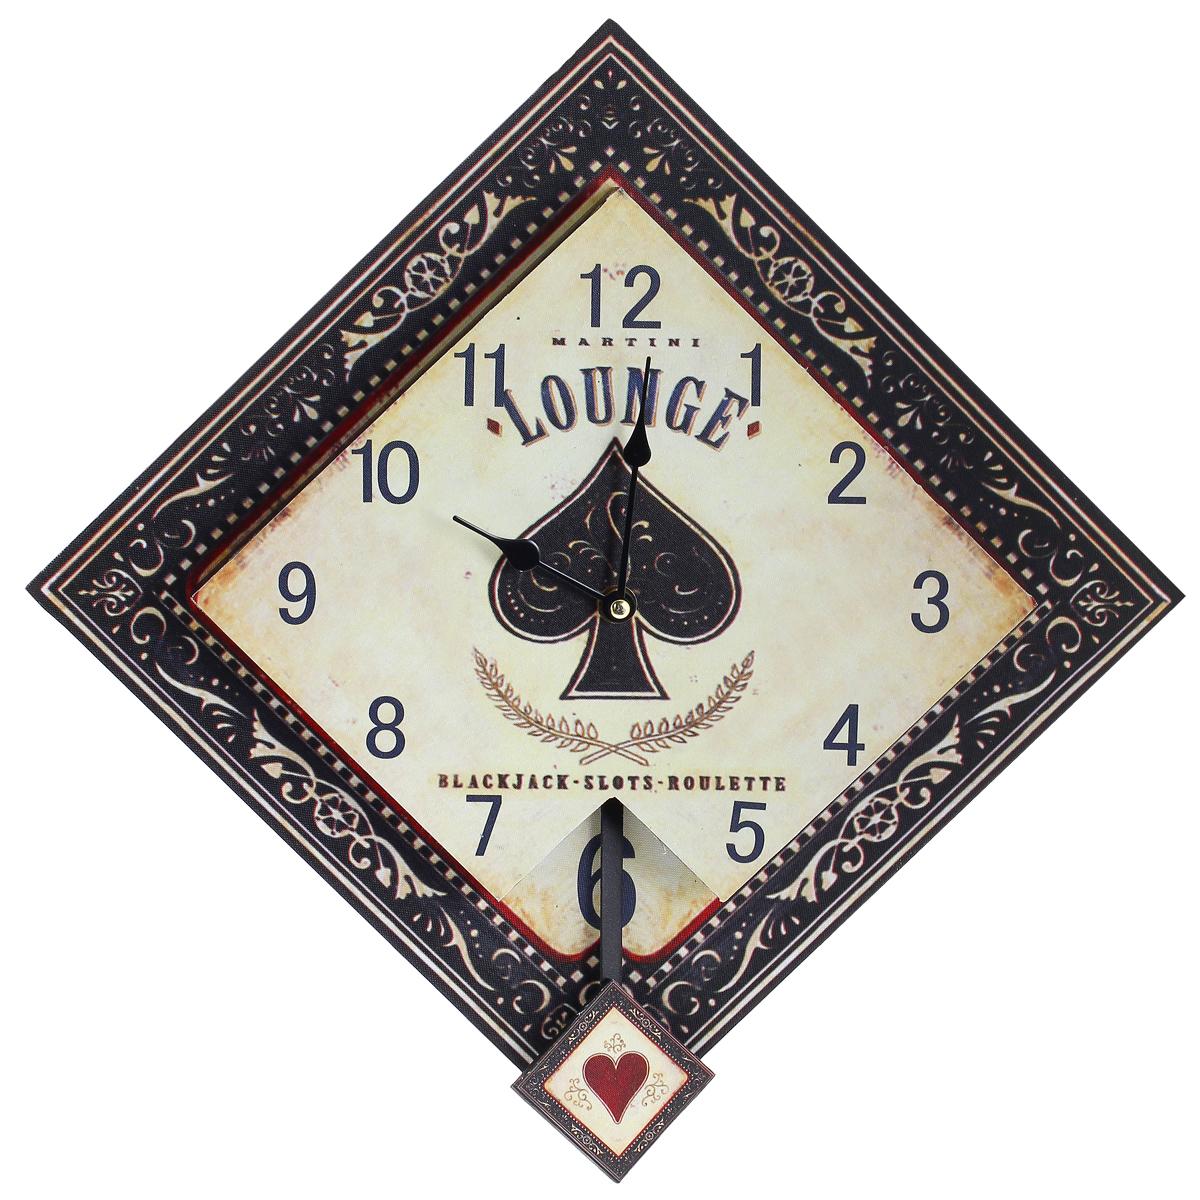 Часы настенные Black Jack, кварцевые, с маятником. 3037830378Настенные кварцевые часы Black Jack изготовлены из МДФ. Часы имеют форму ромба. Корпус оформлен узорами и изображением карточных мастей. Тип индикации - арабские цифры. Часы имеют две стрелки - часовую и минутную. Часы оснащены маятником. С задней стороны имеется отверстие для подвешивания на стену. Изящные часы красиво и оригинально оформят интерьер дома или офиса.Часы работают от одной батарейки типа АА (в комплект не входит).Размер часов (ДхШхВ) (без учета маятника): 42 см х 42 см х 4 см.Размер циферблата: 30 см х 30 см.Внимание! Уважаемые клиенты, обращаем ваше внимание на тот факт, что циферблат часов не защищен стеклом!